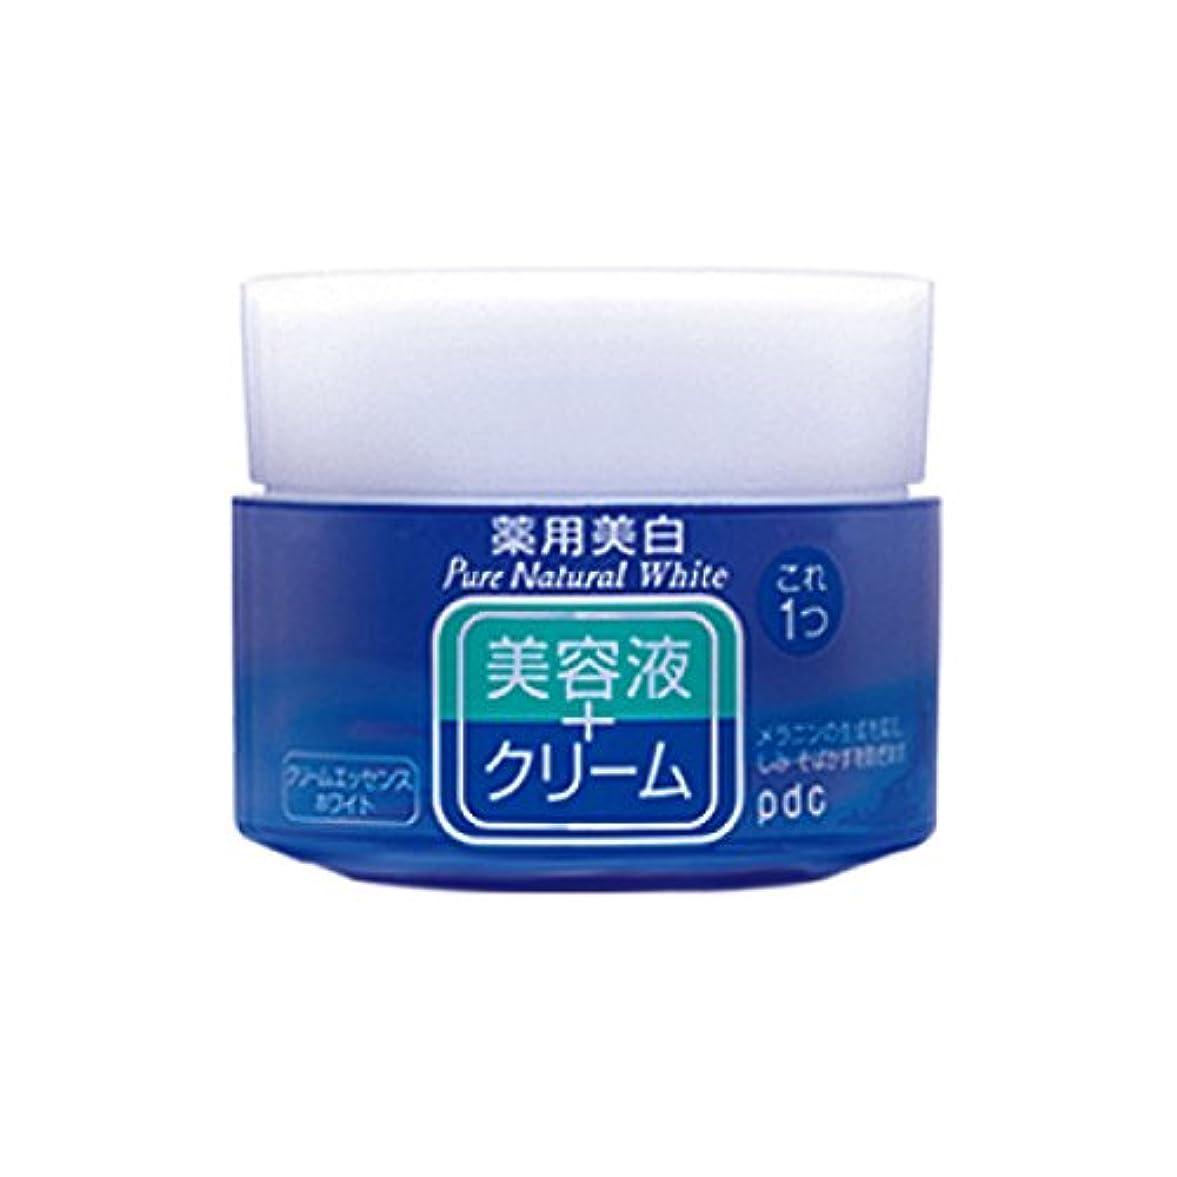 メディア切り刻む寝室を掃除するPure NATURAL(ピュアナチュラル) クリームエッセンス ホワイト 100g (医薬部外品)